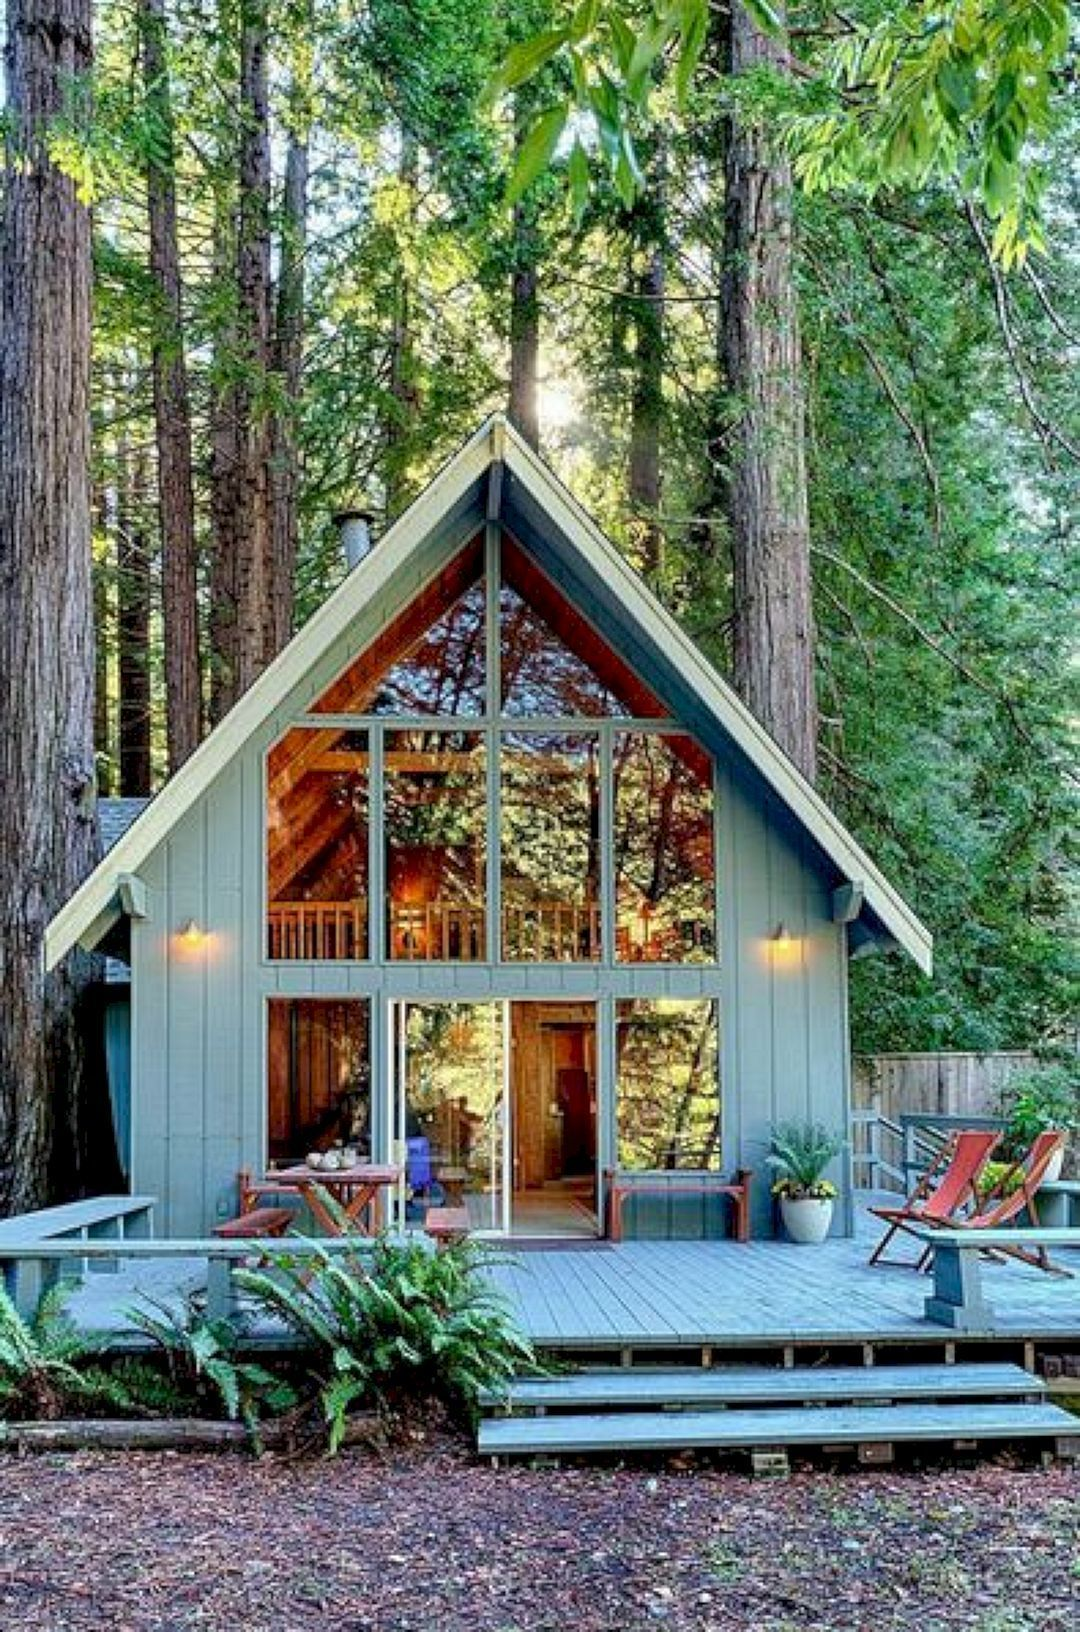 44 Impressive Small Home Construction Design Ideas #smallhomes